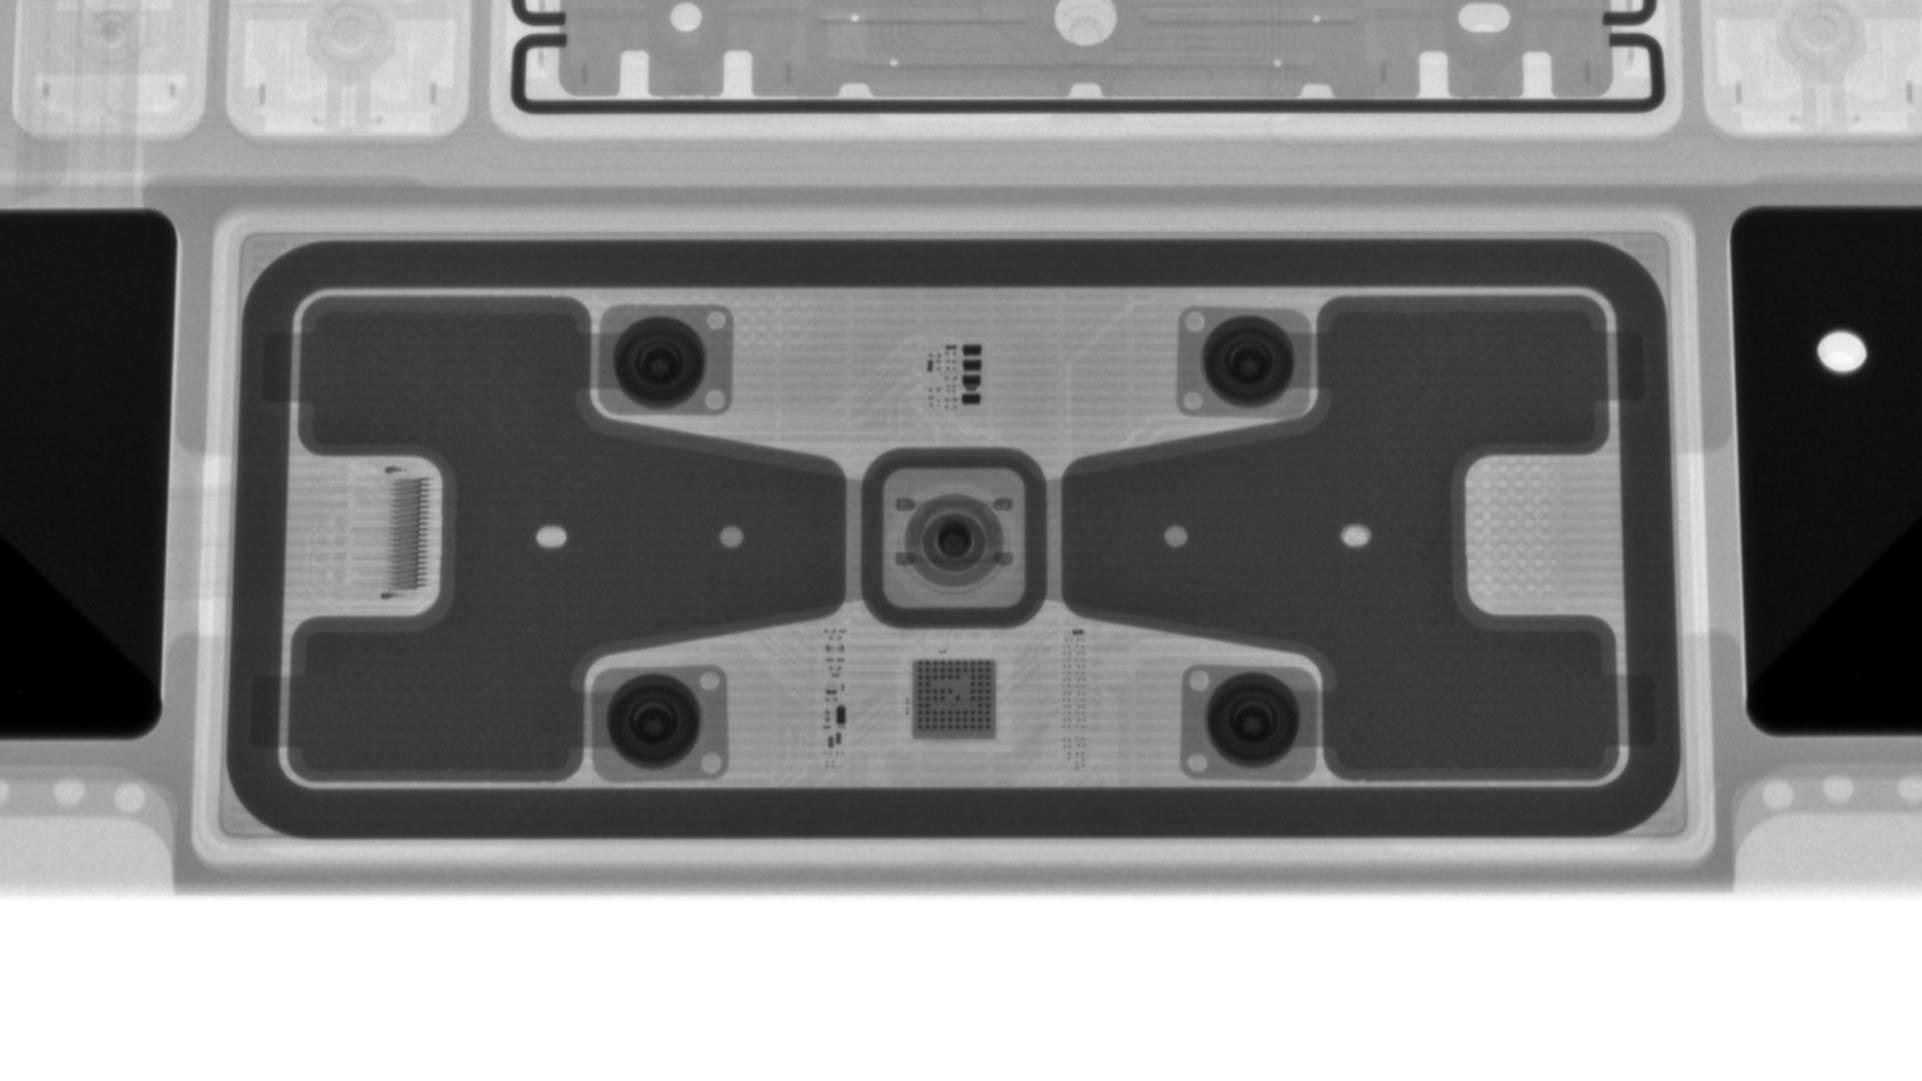 X 射线下的 iPad Pro 妙控键盘,设计非常复杂